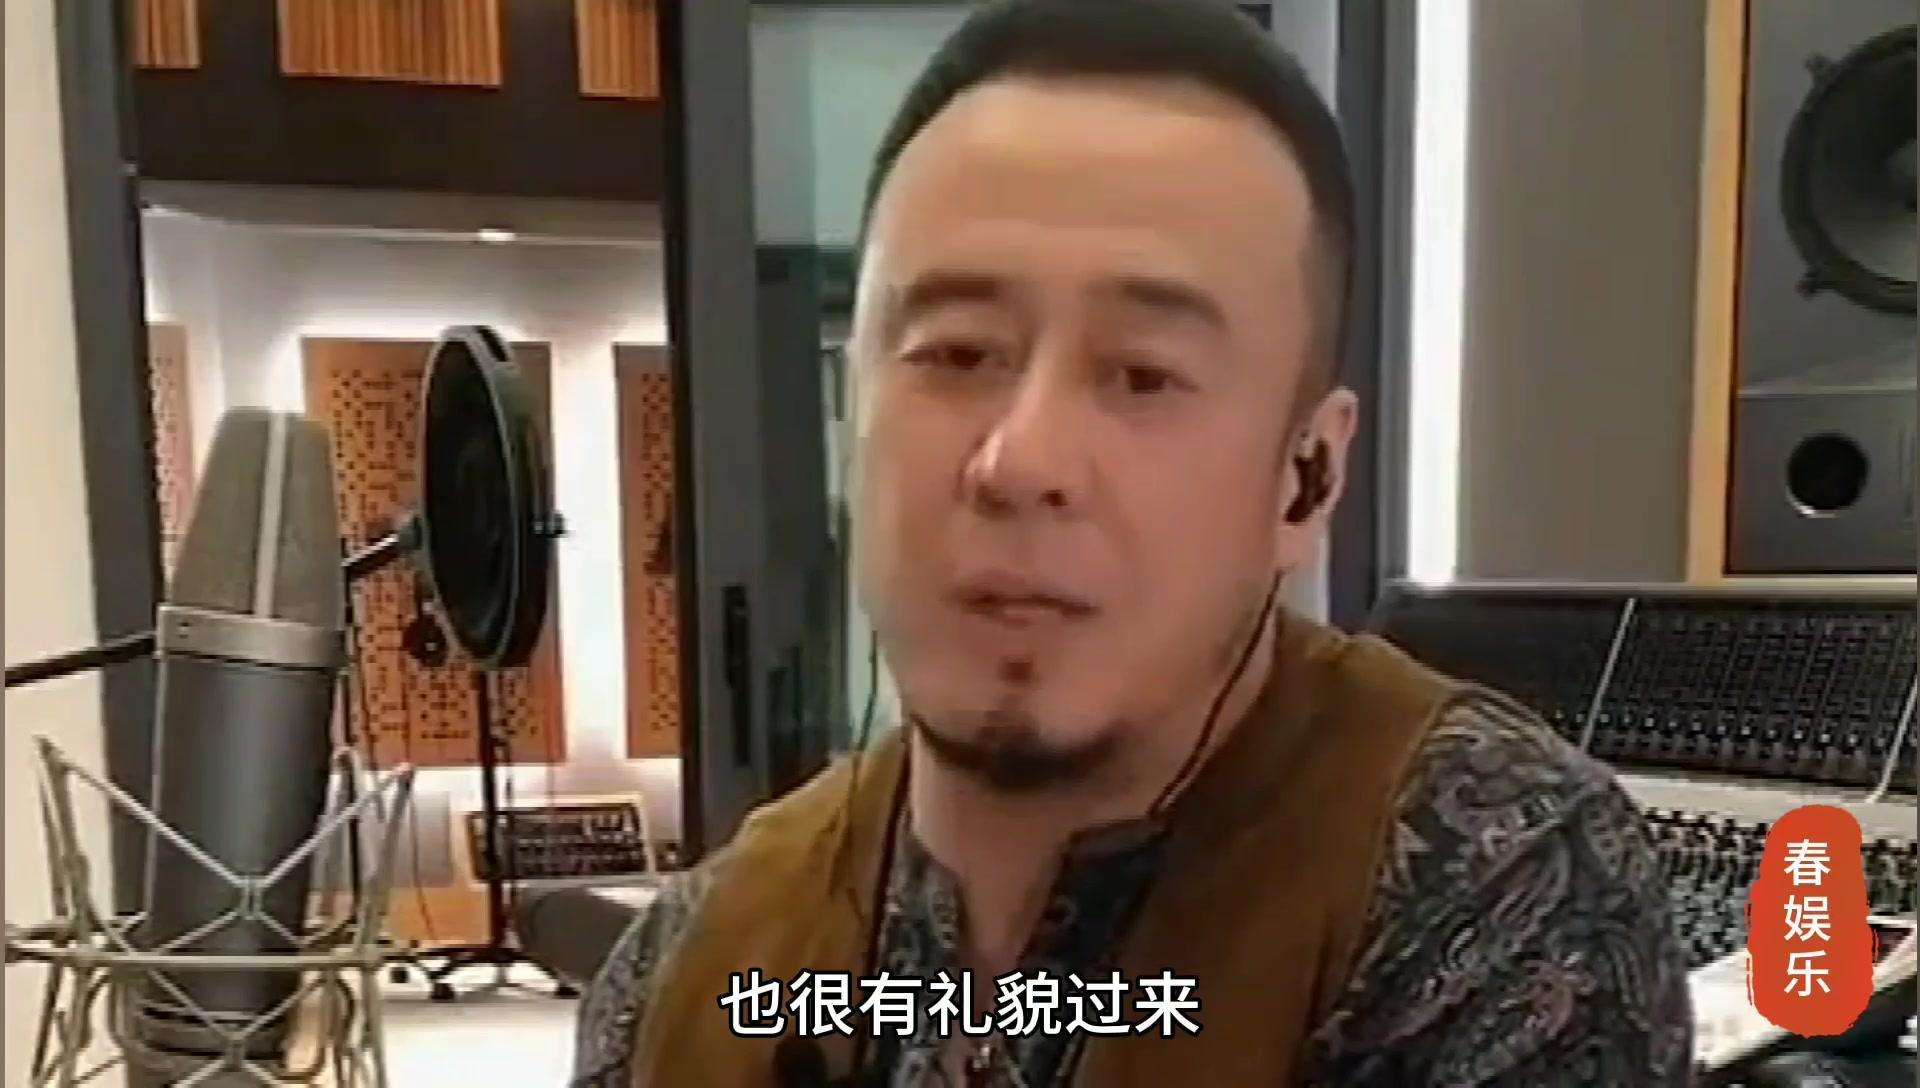 肖战发新歌《光点》回应批评,杨坤直播间为其打call